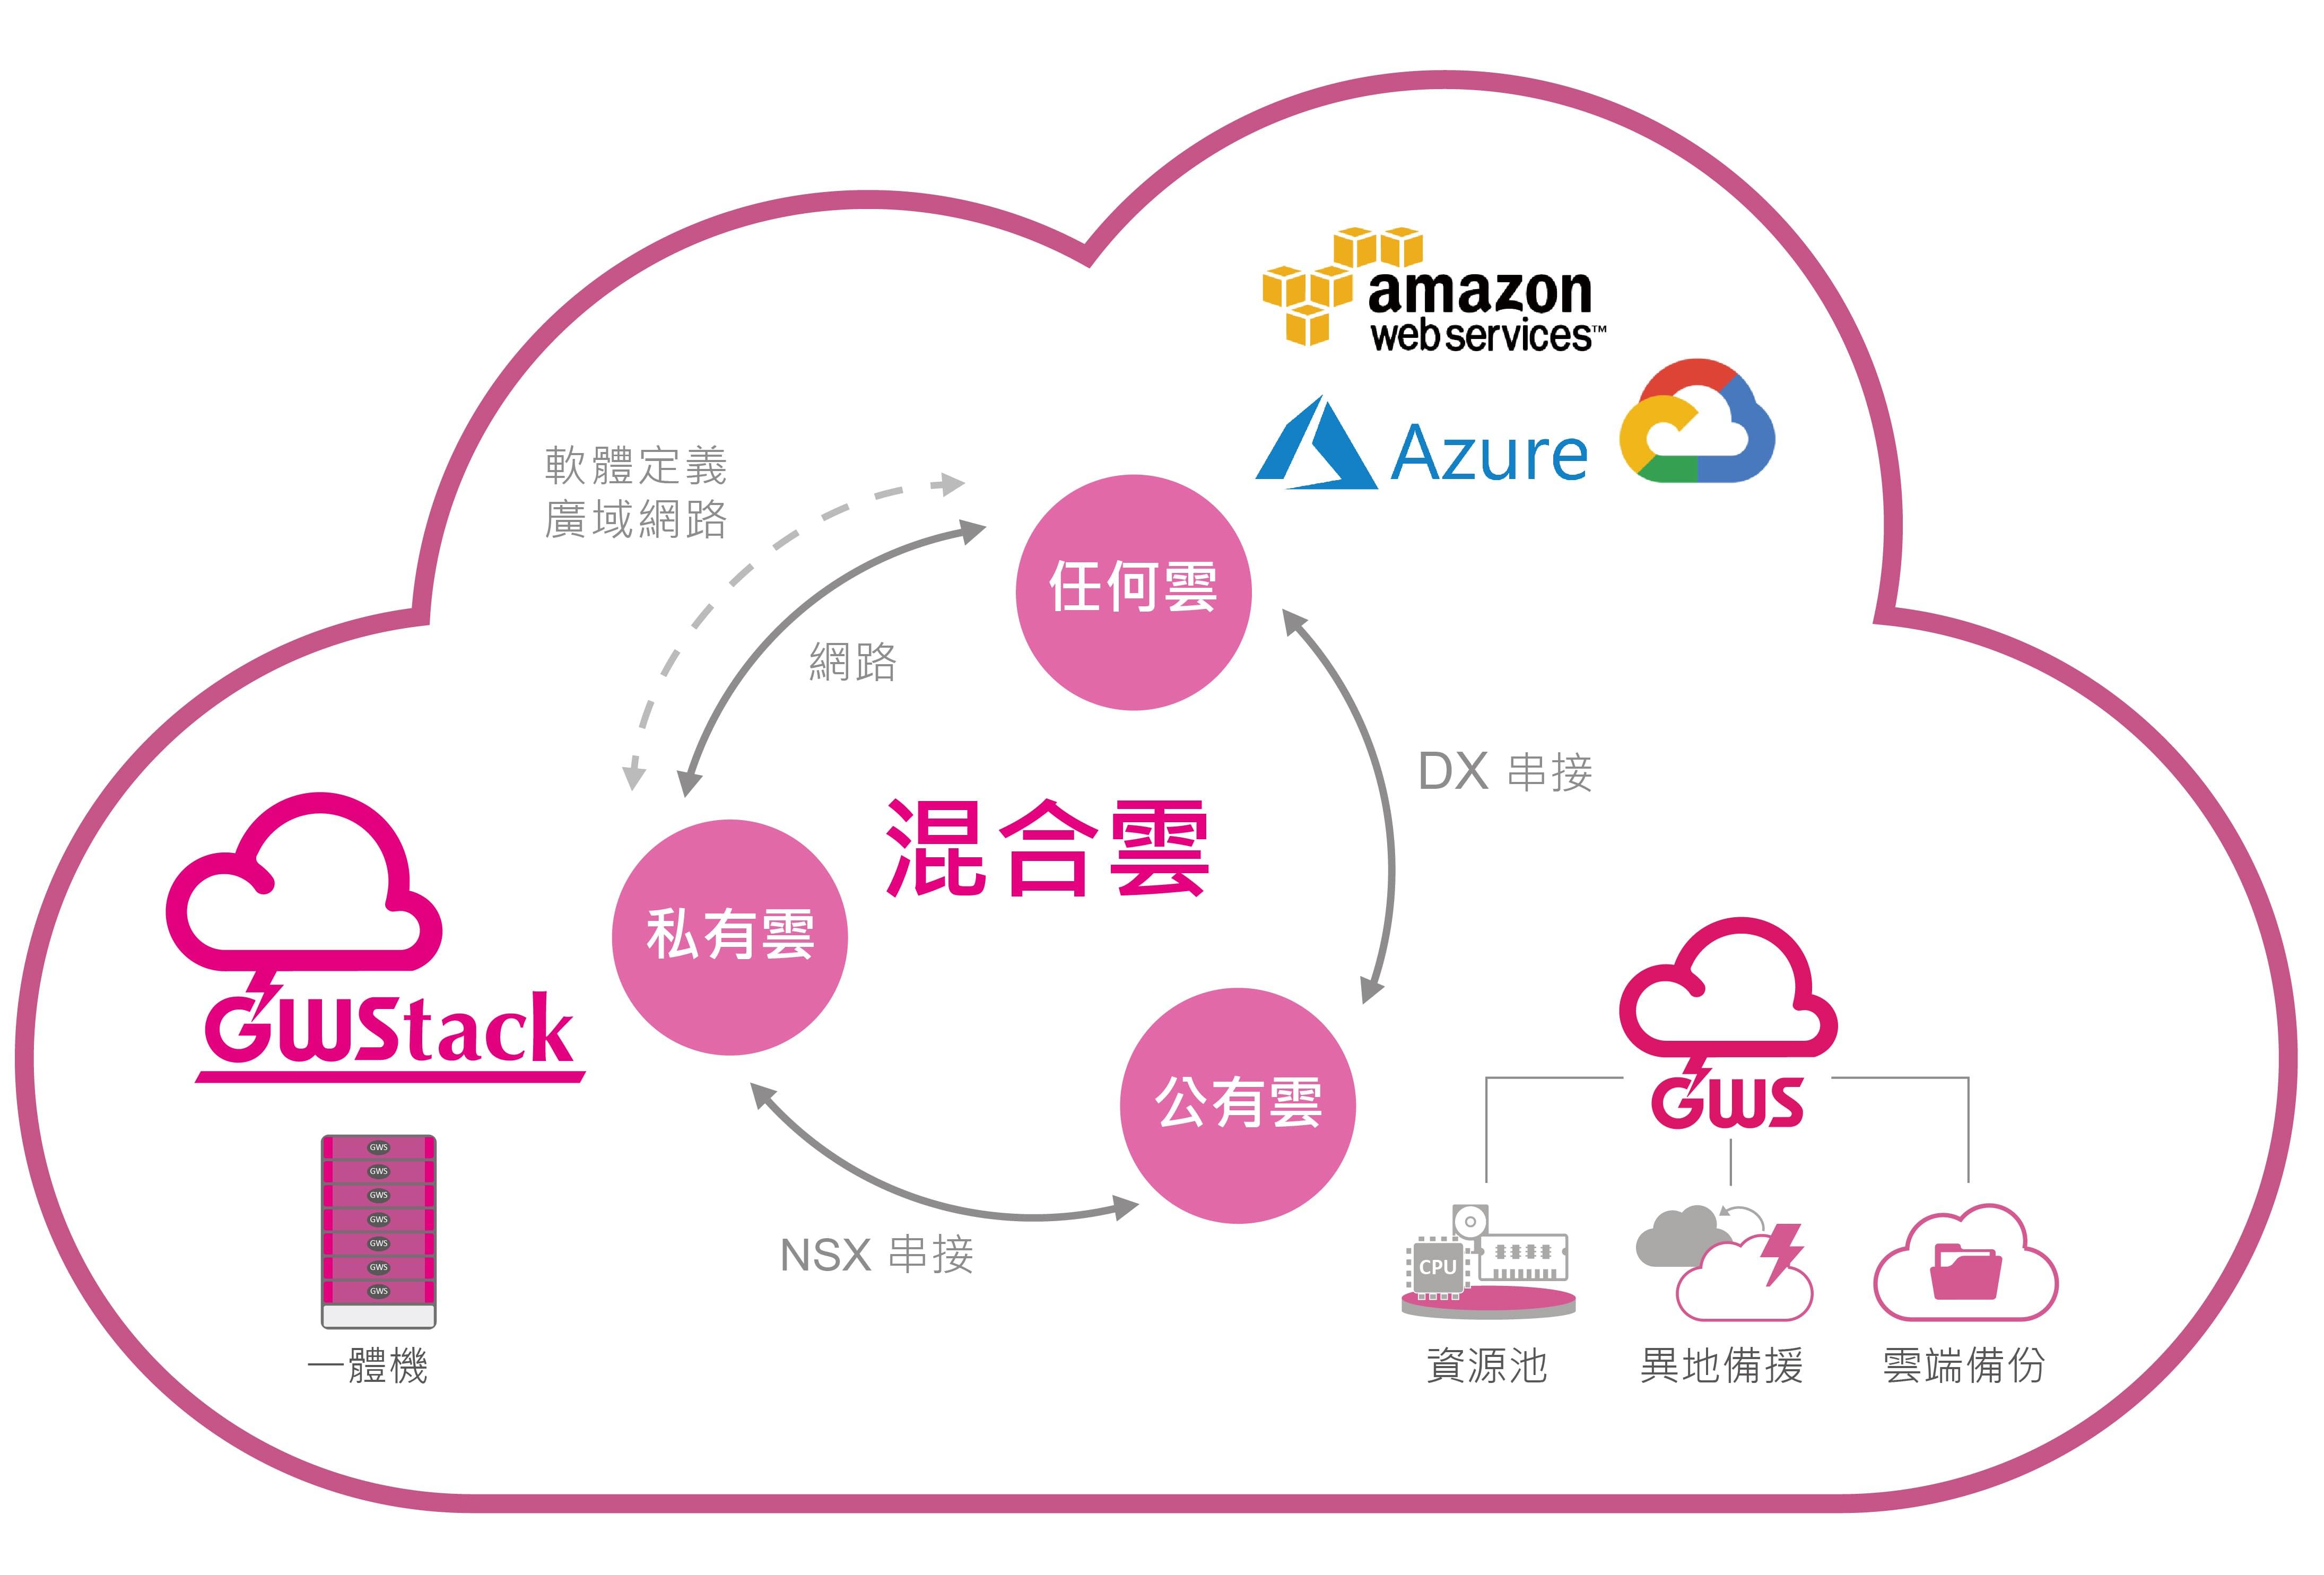 GWS 混合雲架構 數位通國際